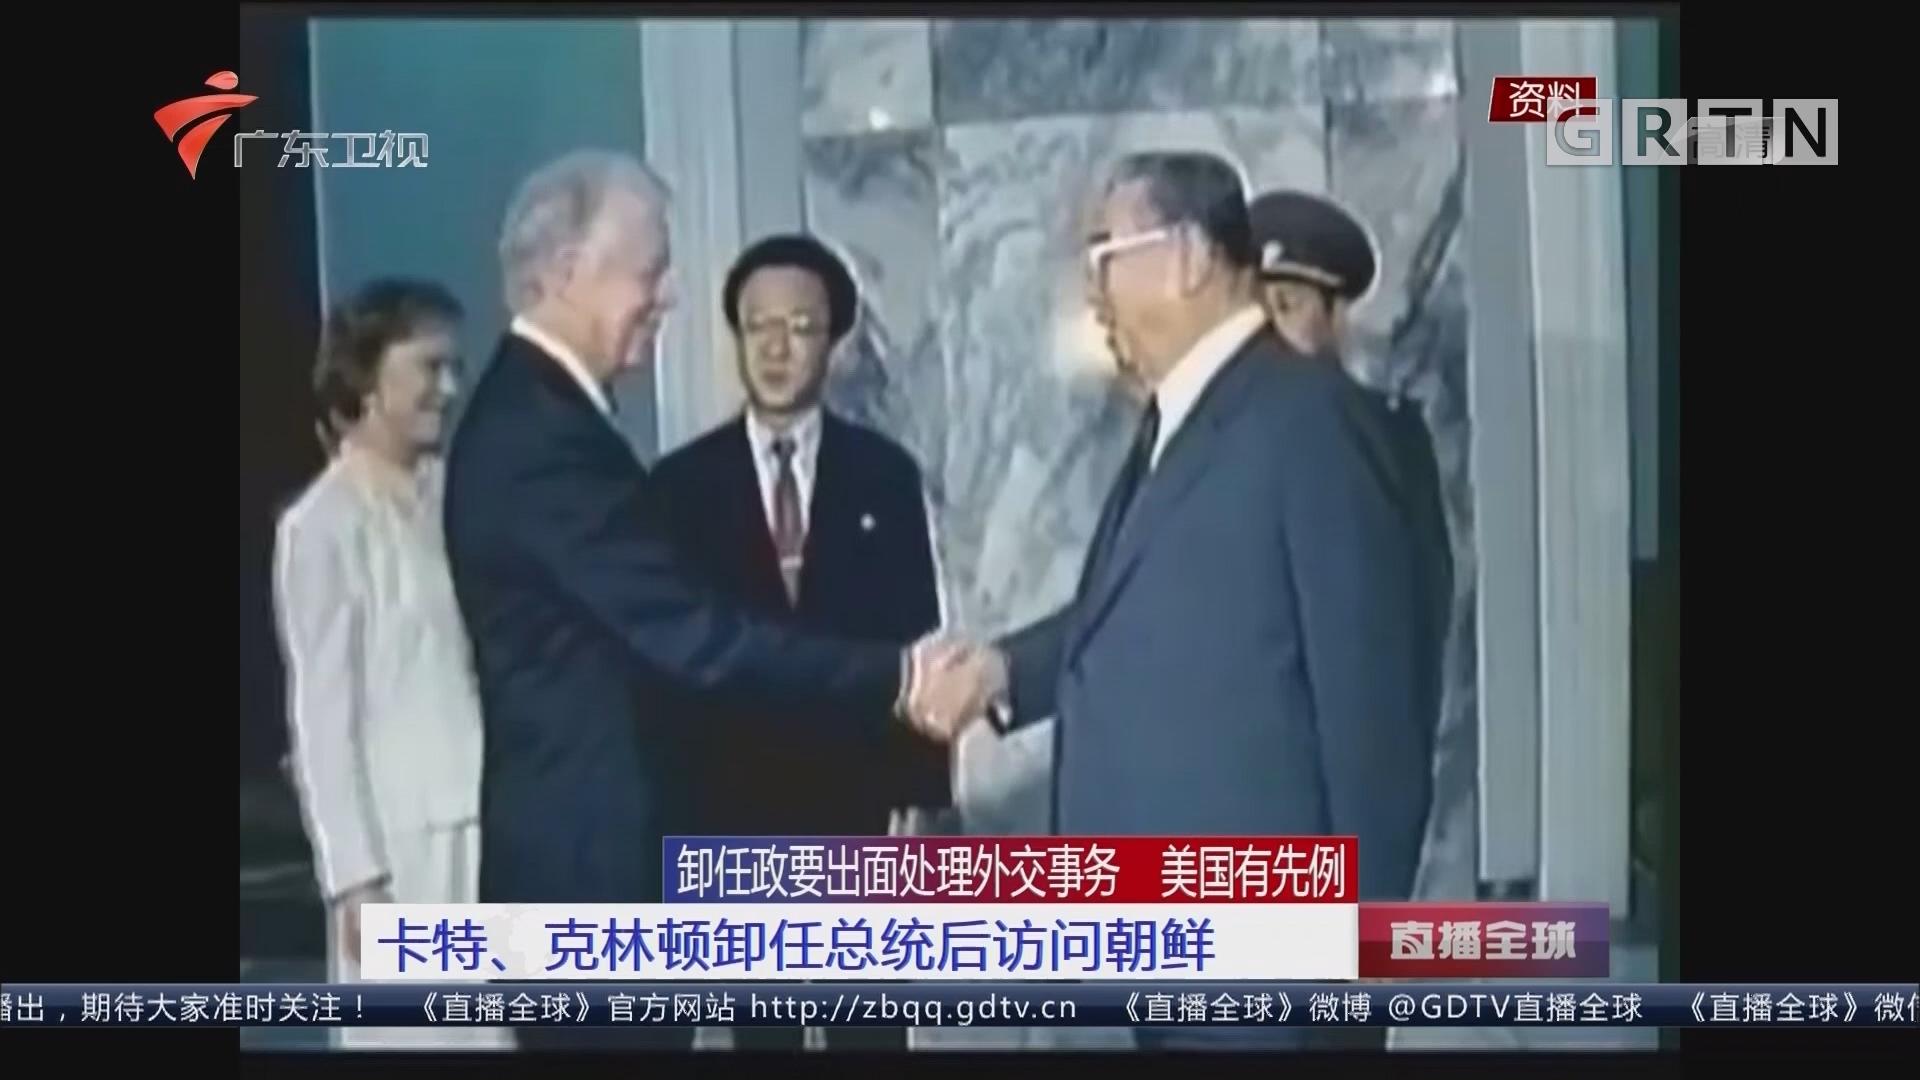 卸任政要出面处理外交事务 美国有先例:卡特、克林顿卸任总统后访问朝鲜